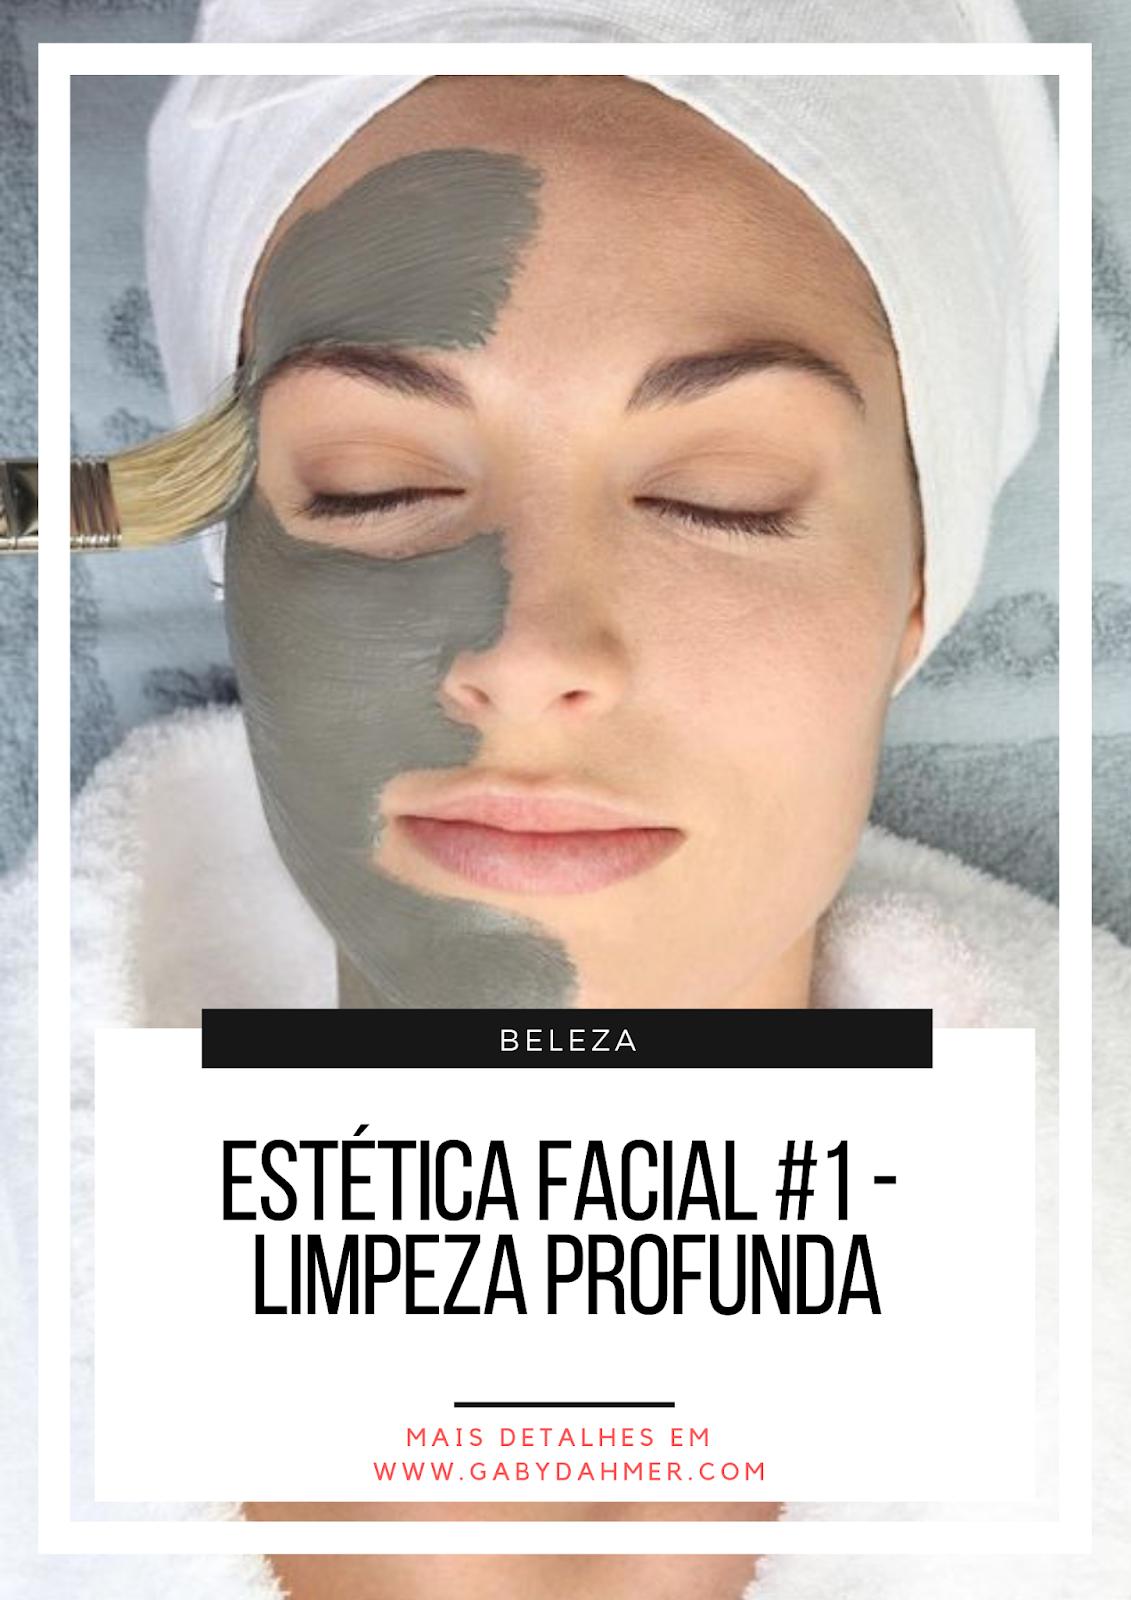 Quer ter uma pele facial mais bonita e hidratada? Faça limpeza profunda. Leia mais: